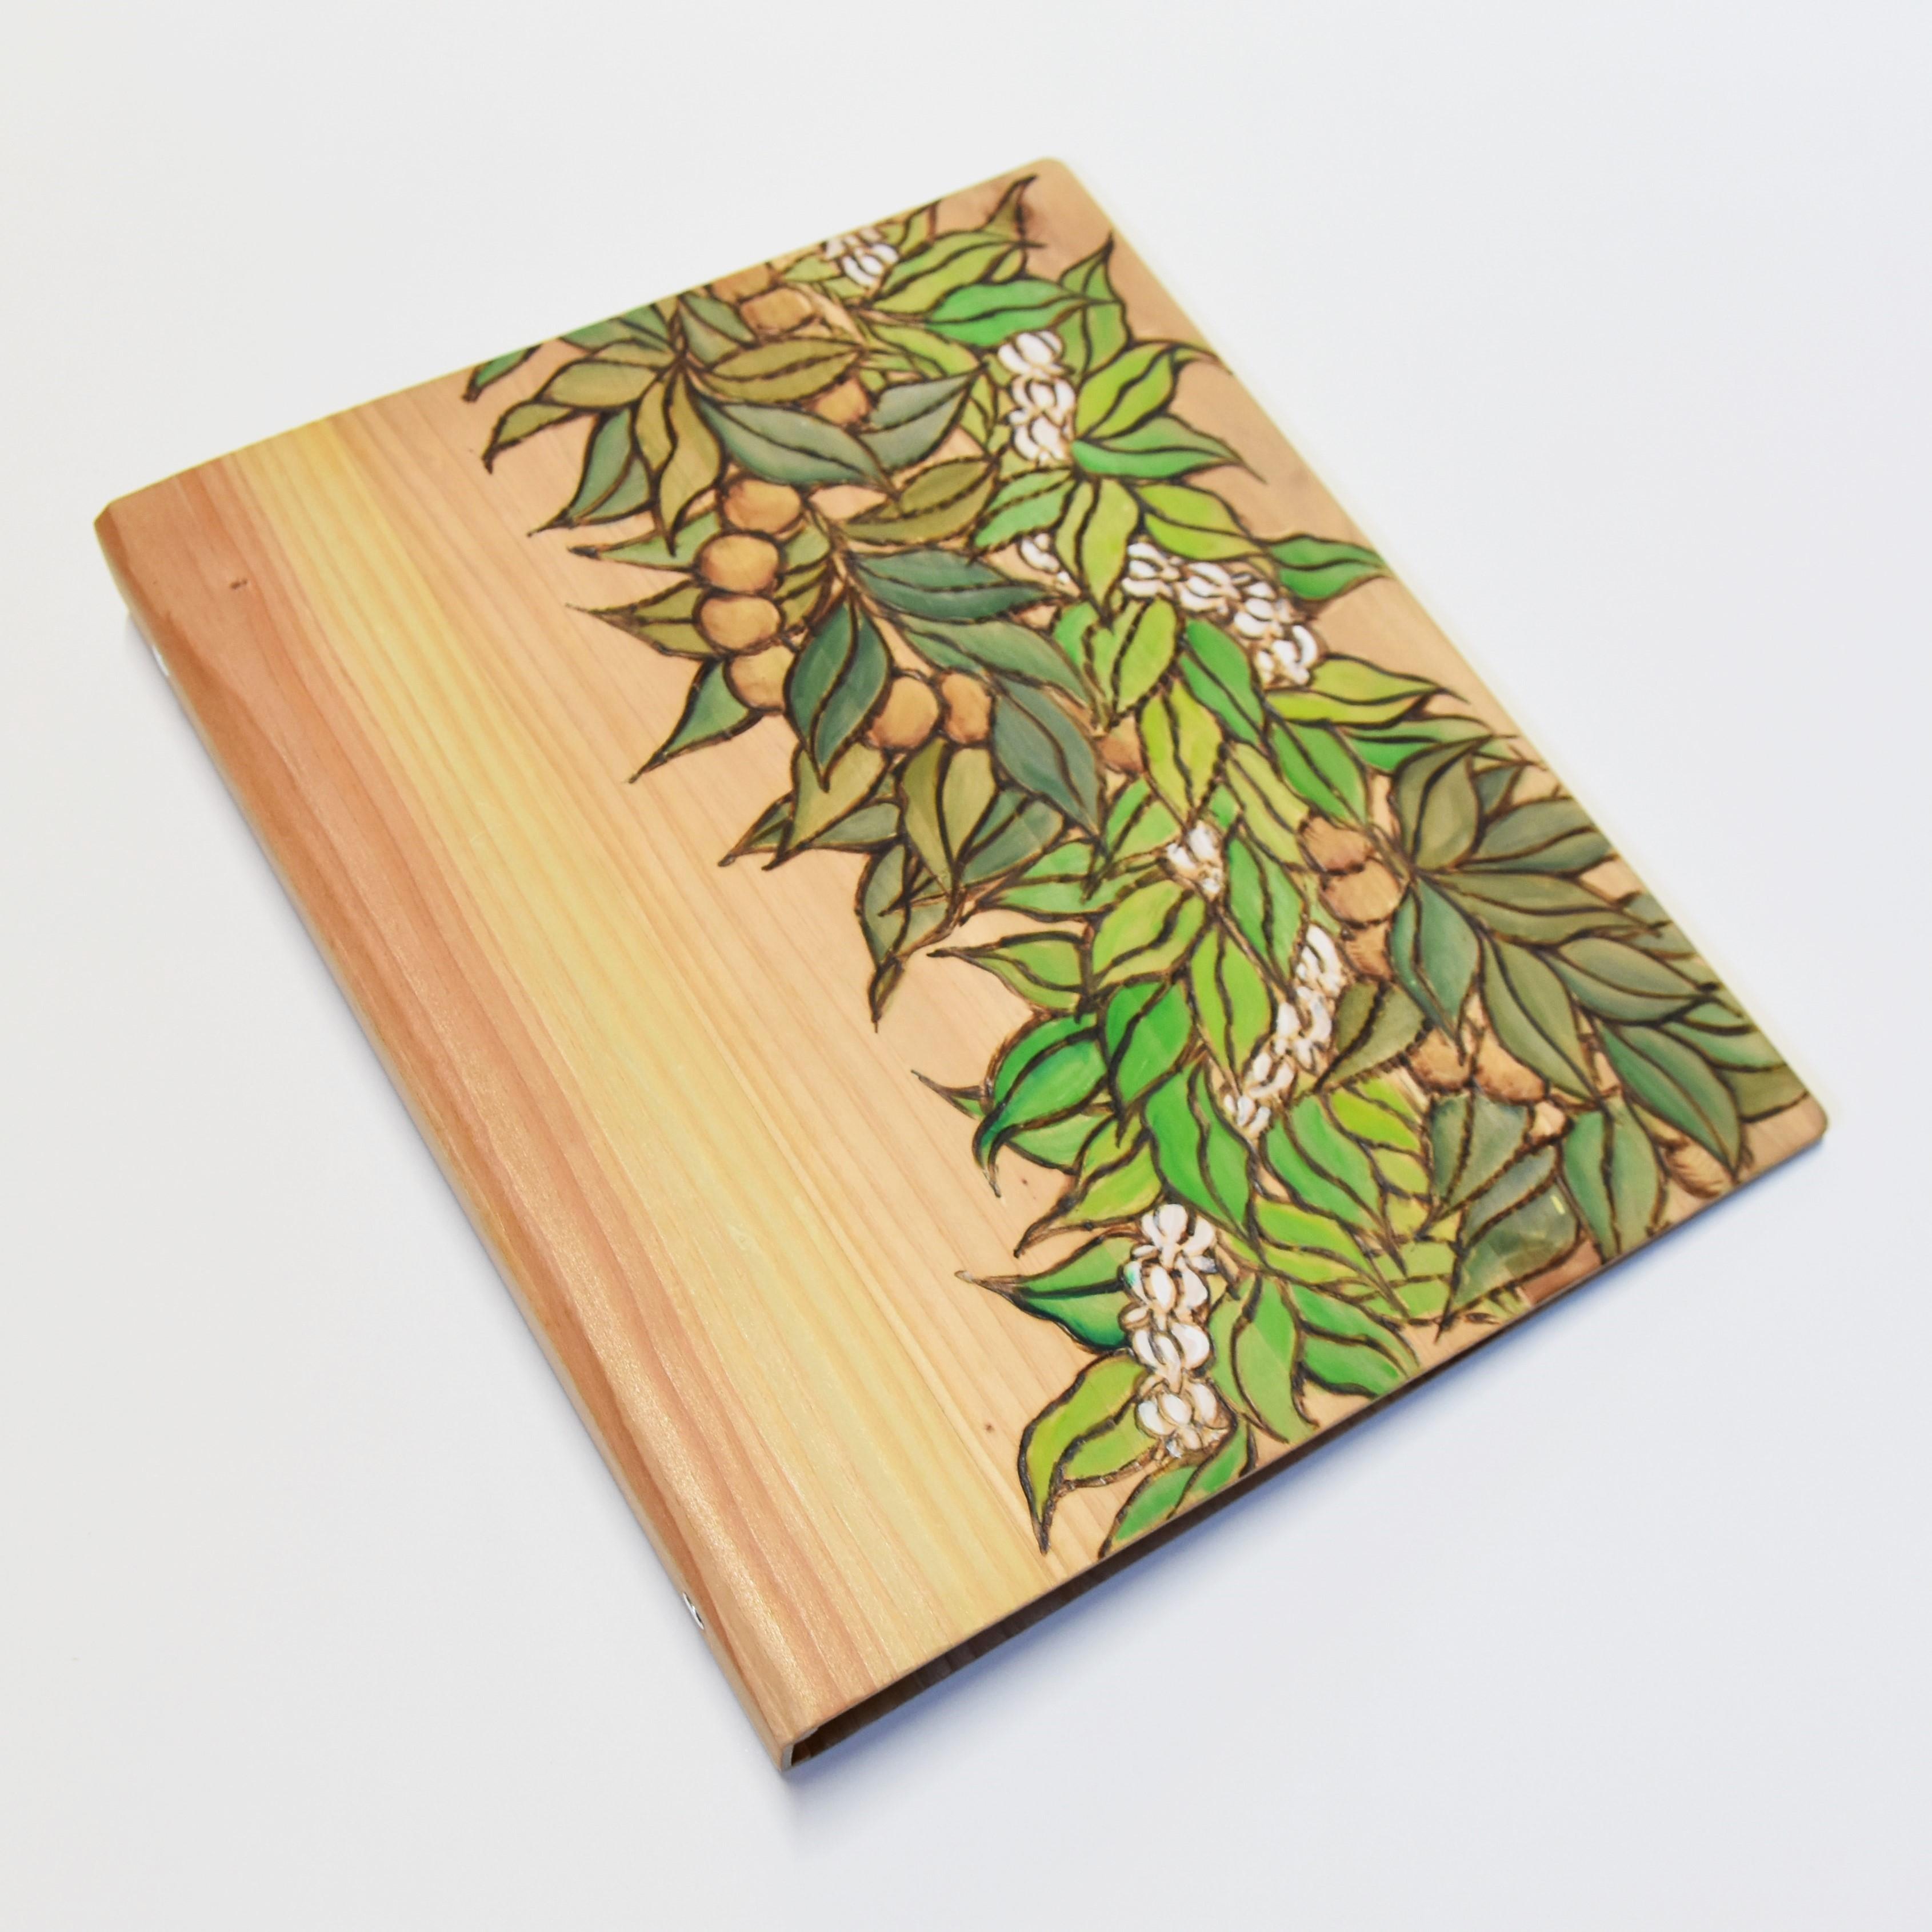 Wood File A4 【Lei】